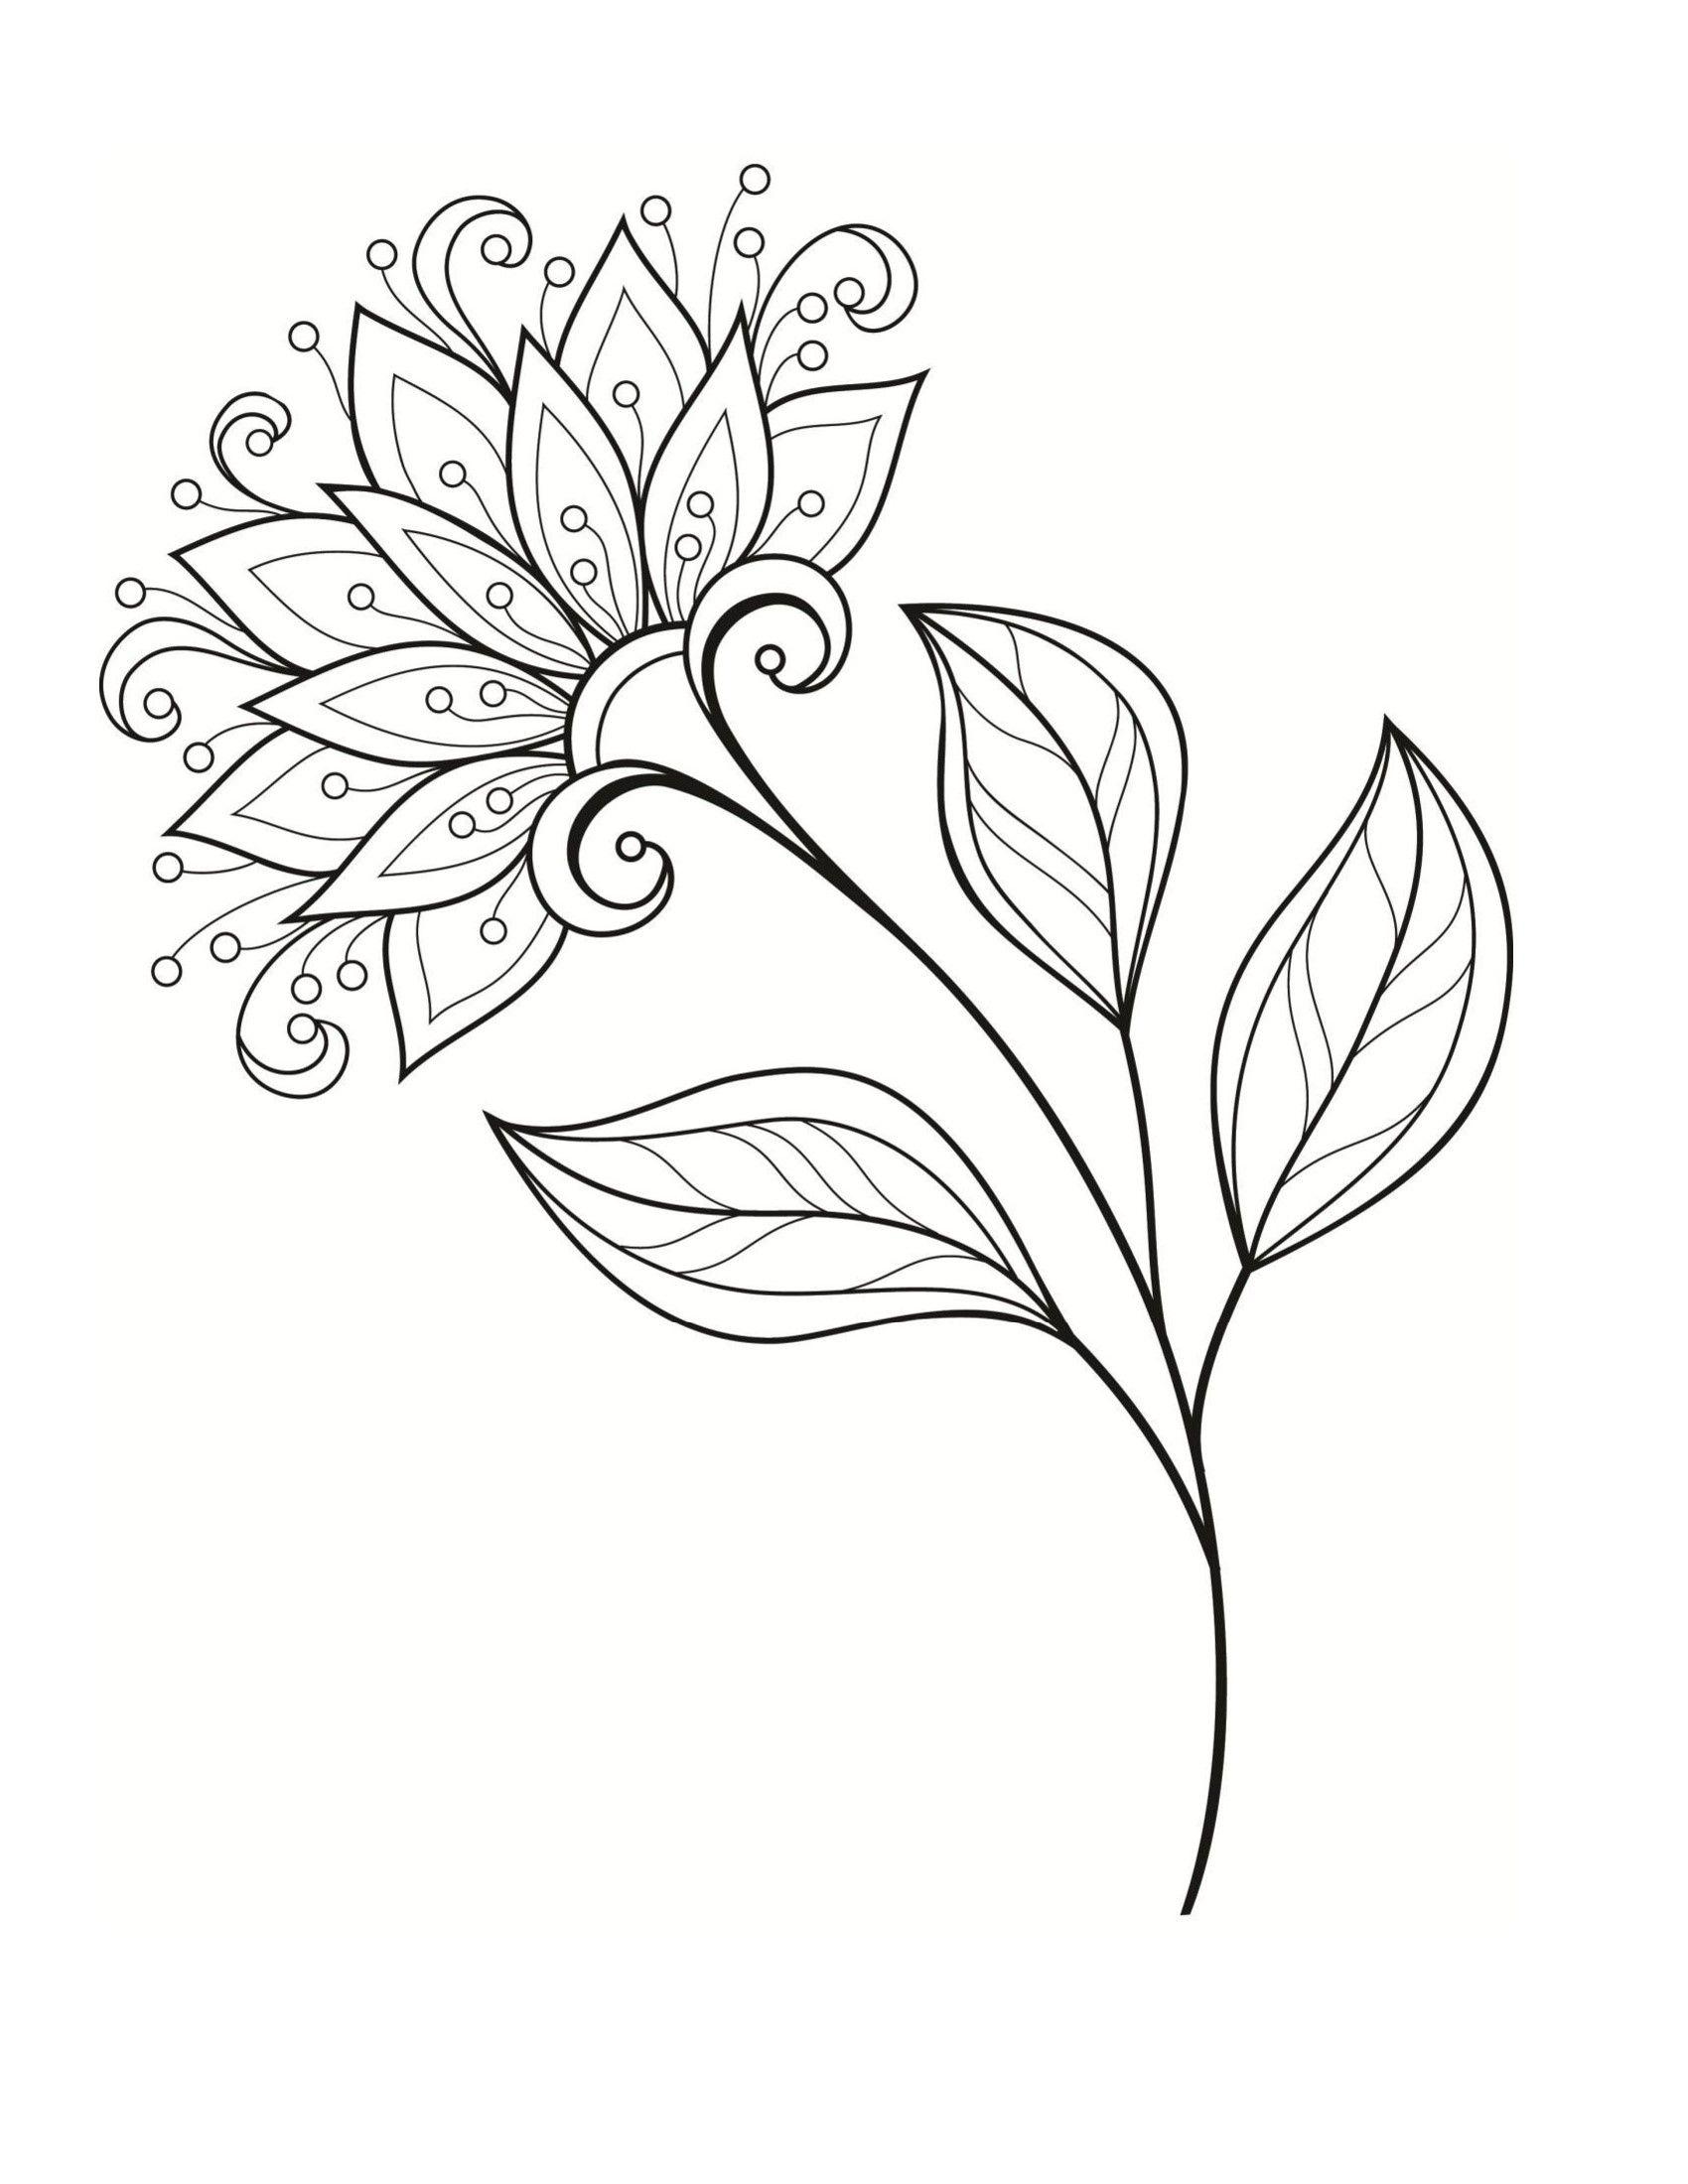 Цветок георгина - Цветы | Раскраски, Цветочные раскраски ...